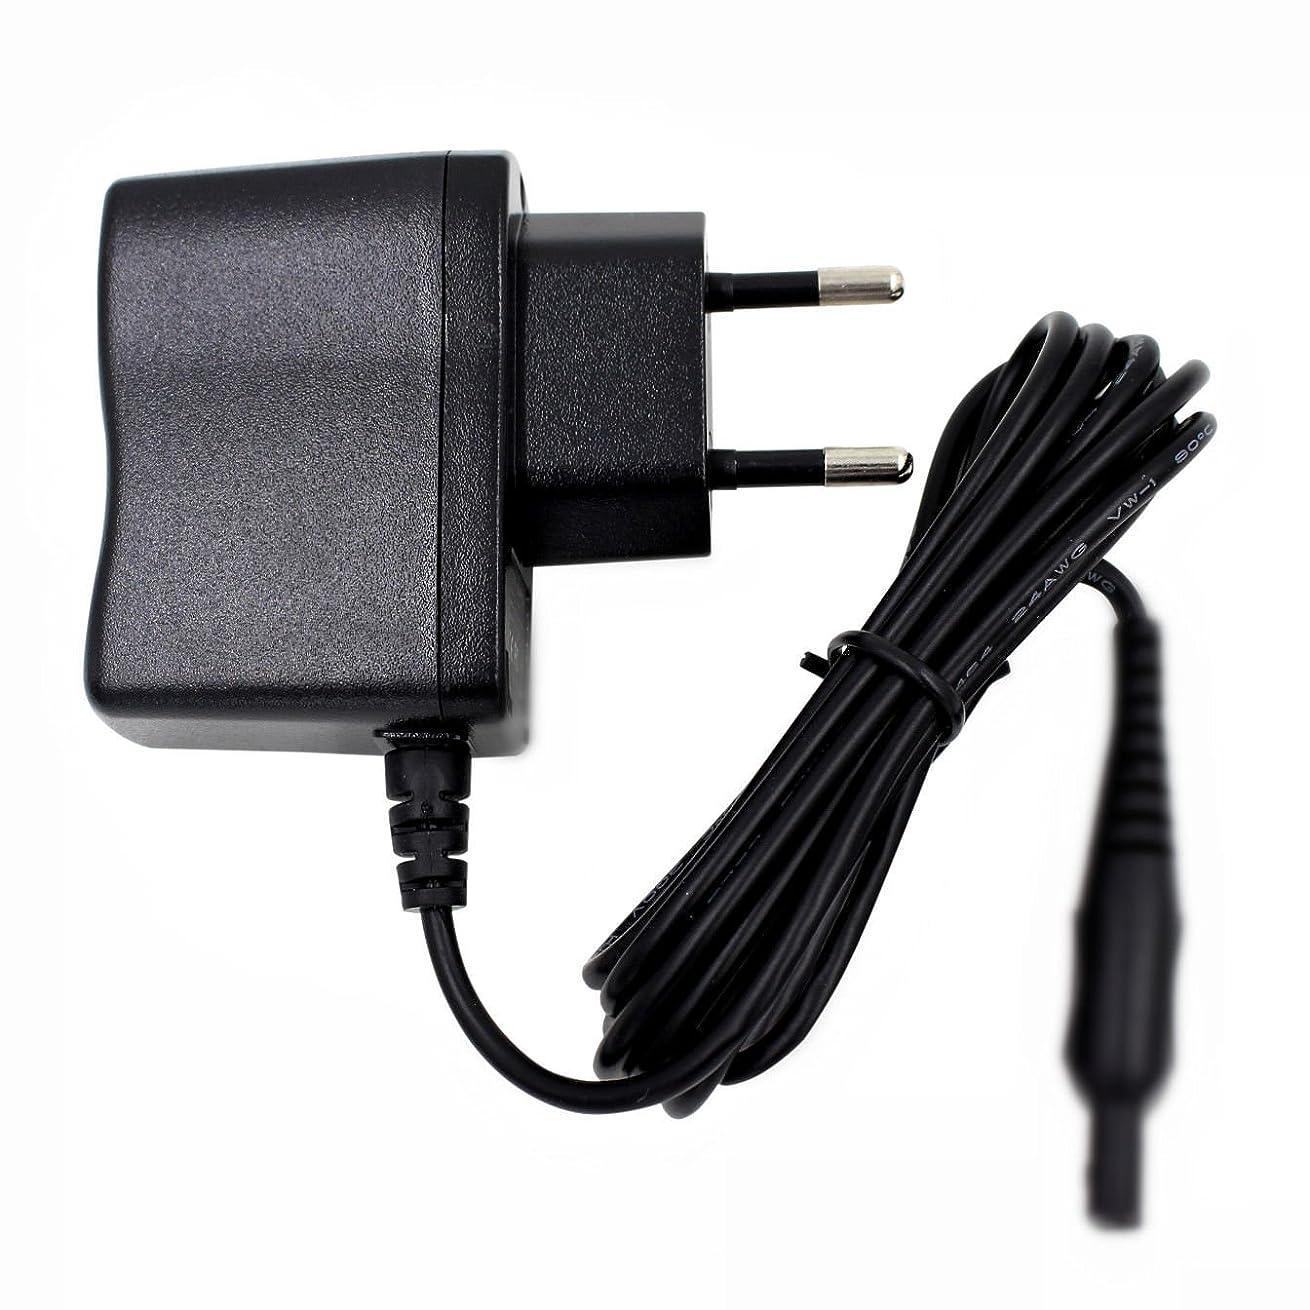 導入する道路照らすFidgetGear フィリップスシェーバーHQ7363 HQ7380 HQ7390 HQ7415のためのEUのアダプターの充電器の電源